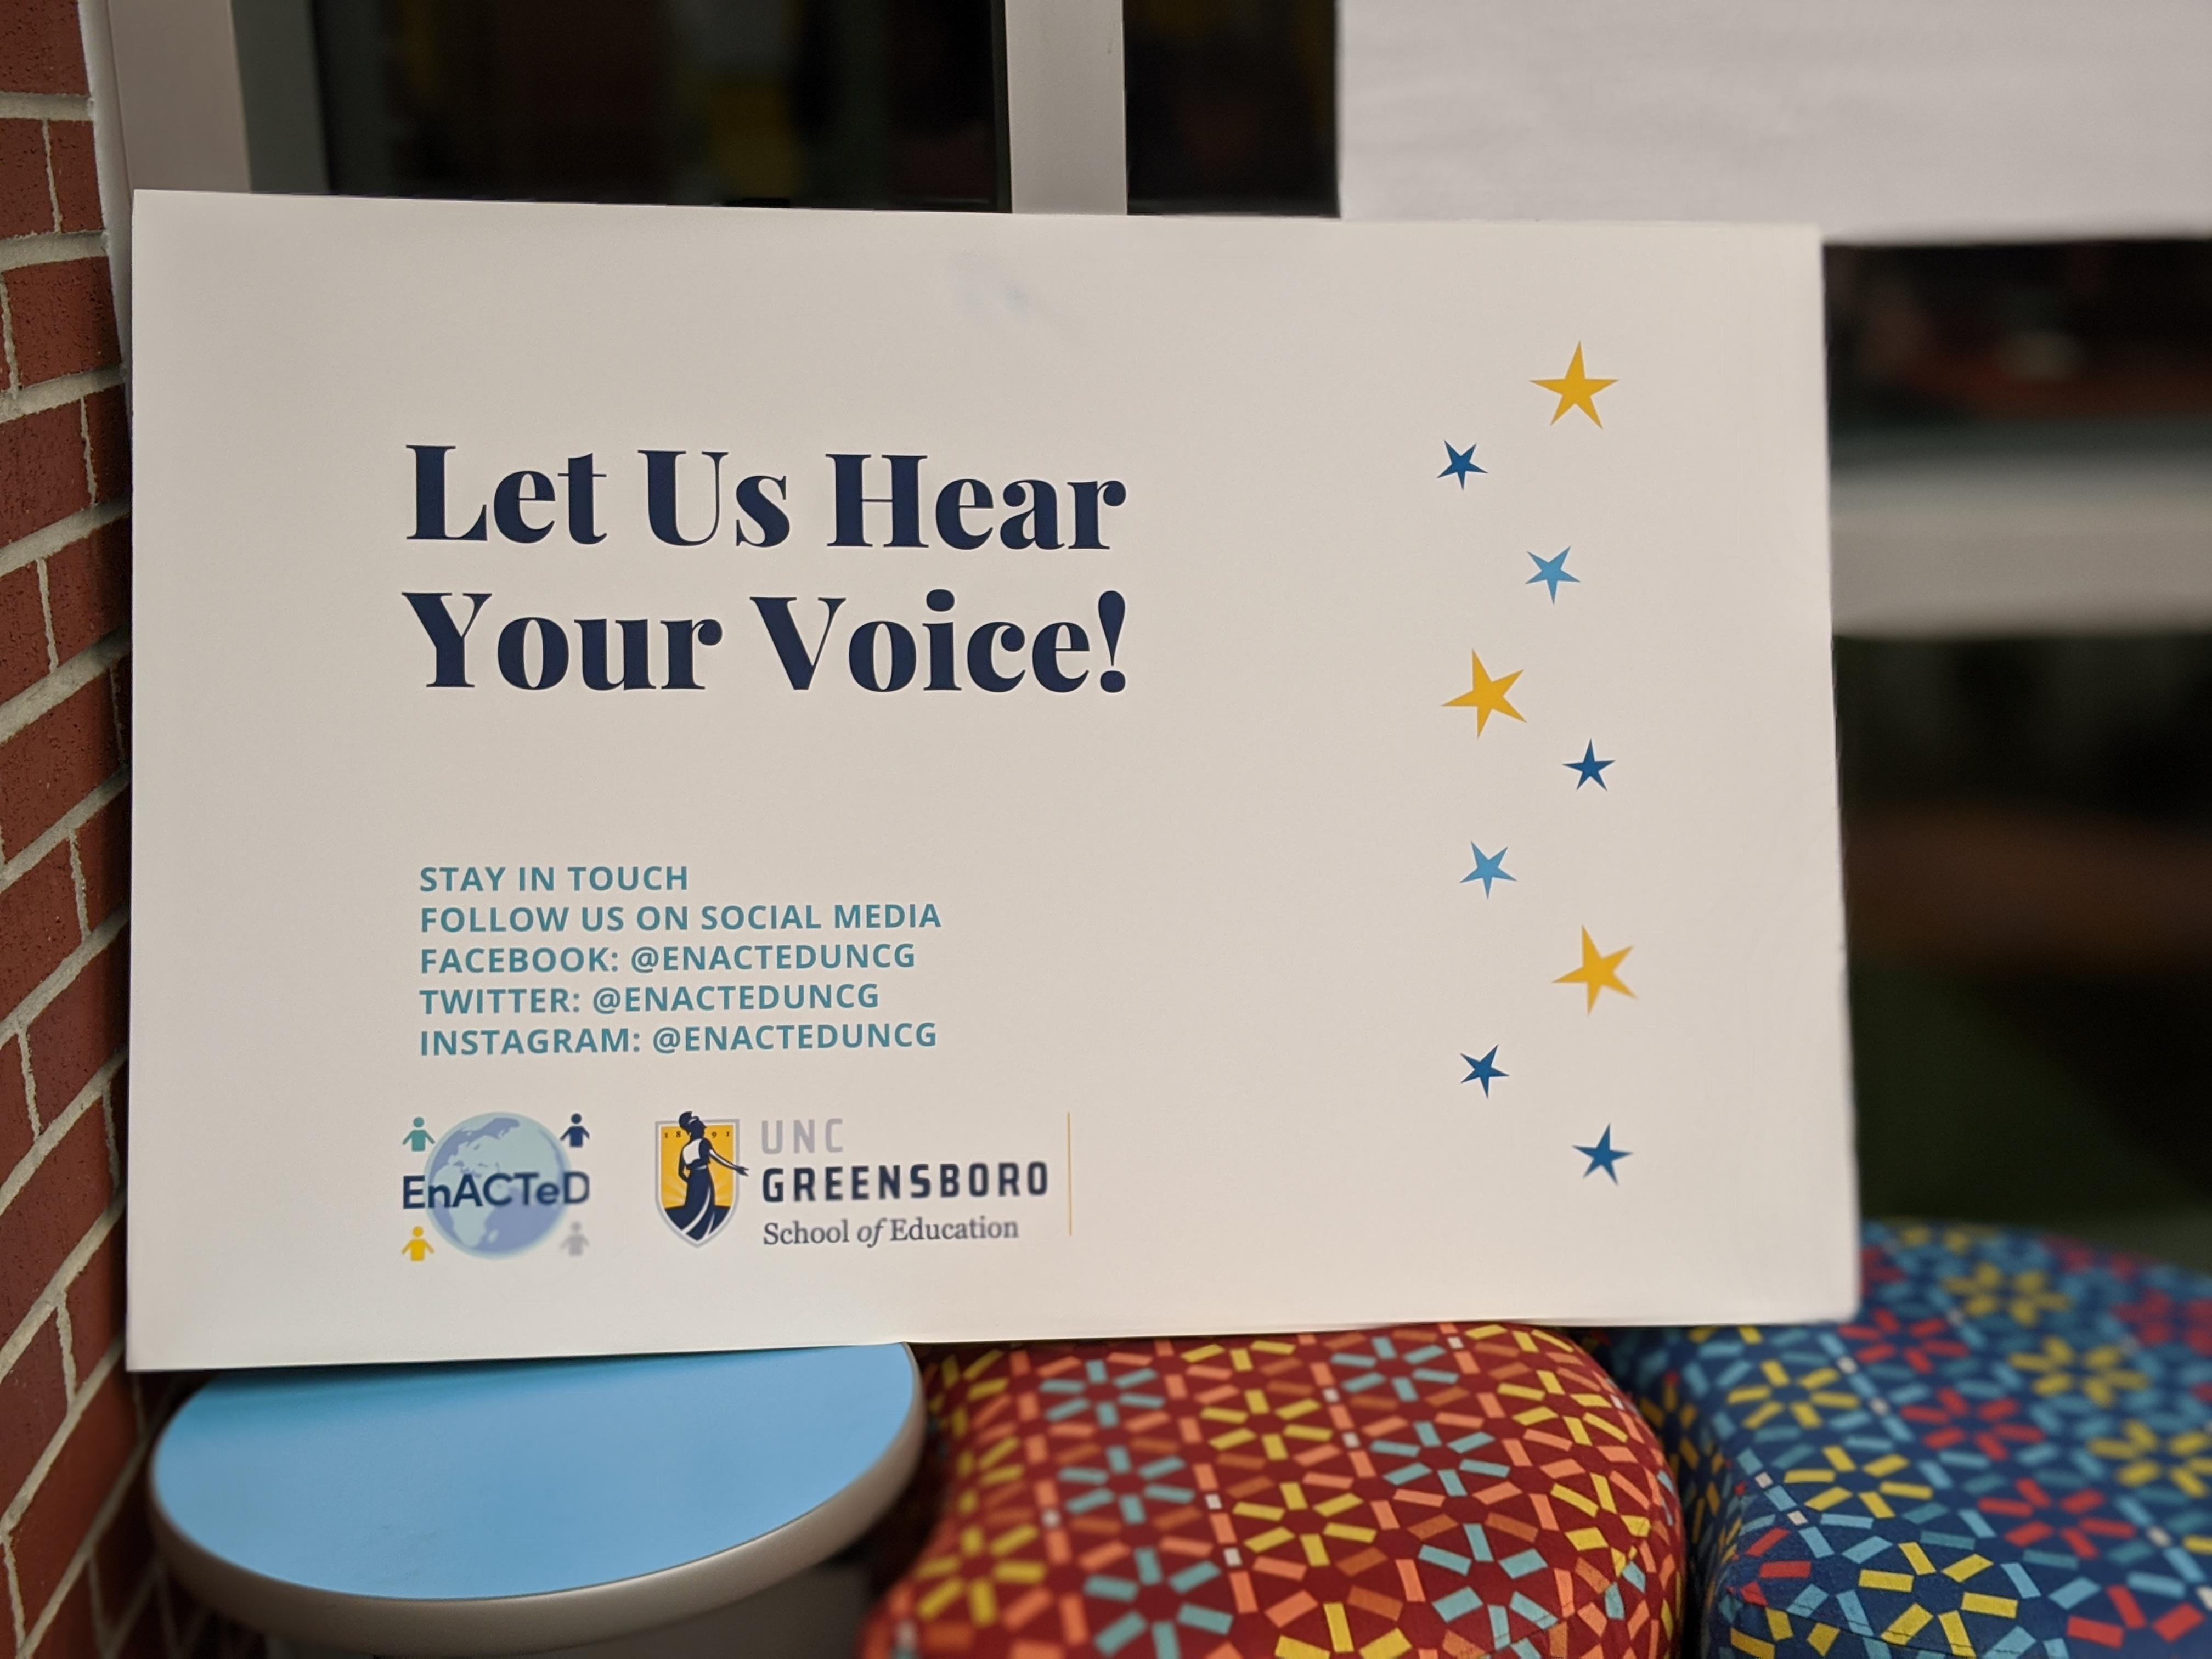 Let Us Hear Your Voice!